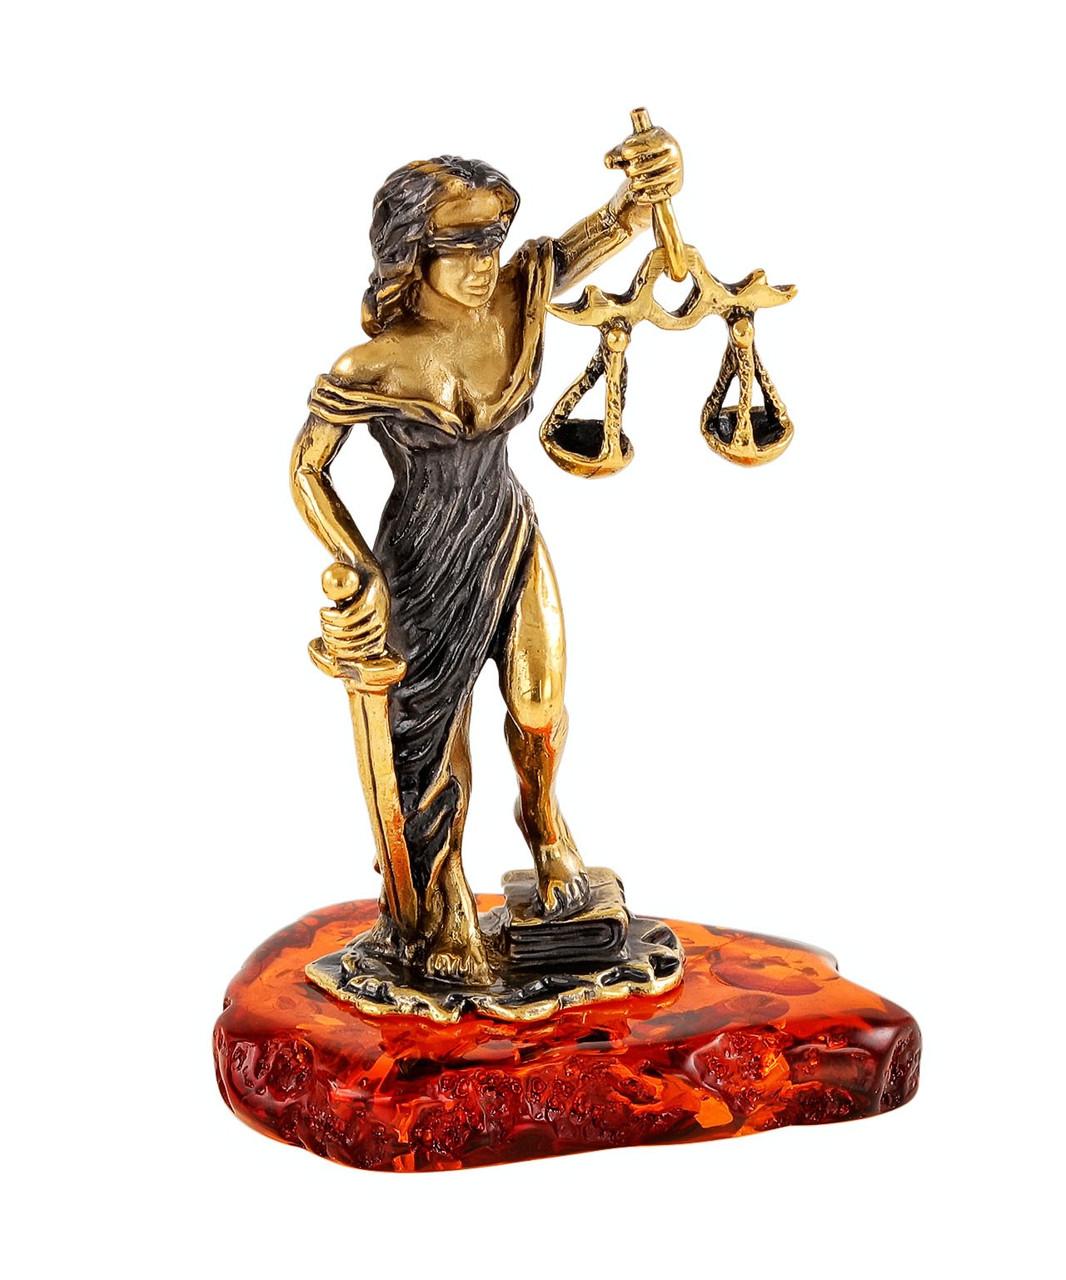 Статуэтка Фемида - Богиня правосудия, янтарь, ручная работа